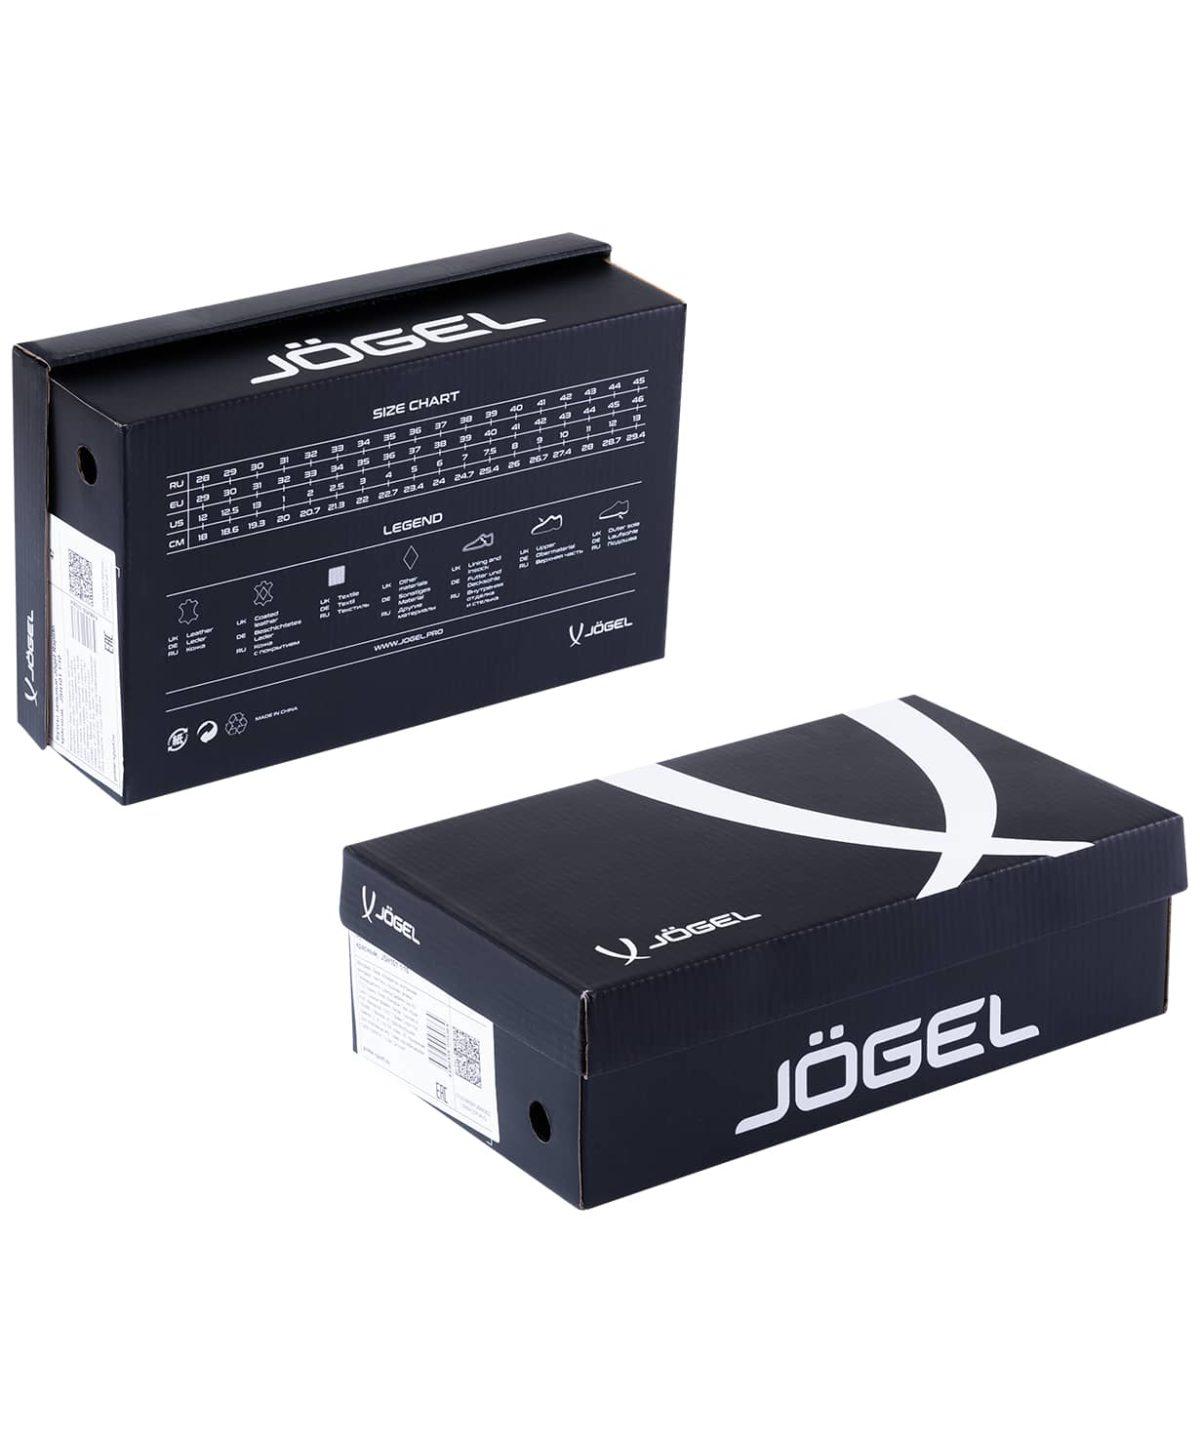 JOGEL Бутсы многошиповые Rapido р.41-45  JSH201: синий - 2